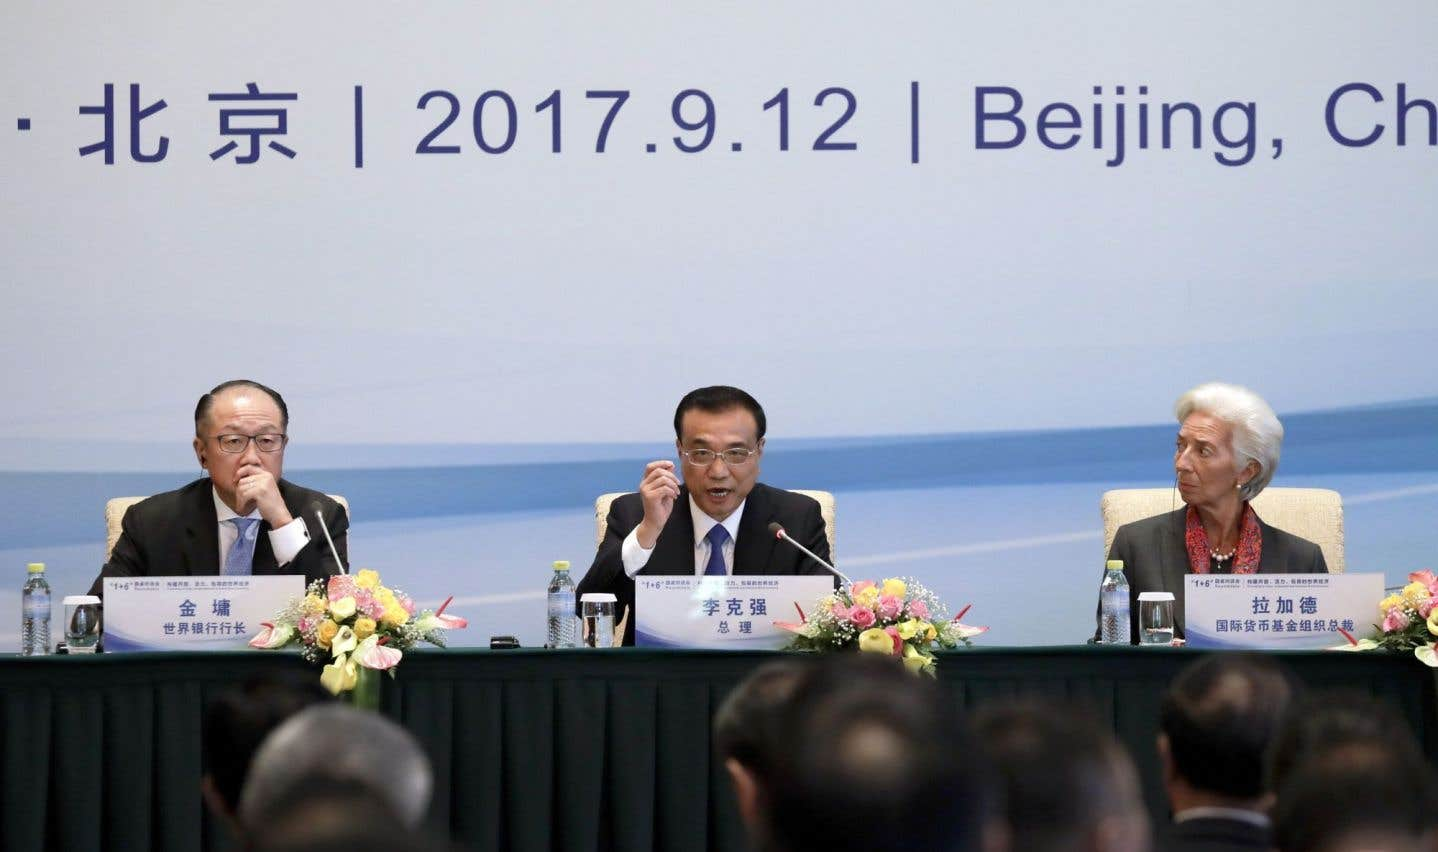 Pékin défend à nouveau le libre-échange et promet la «libre concurrence»